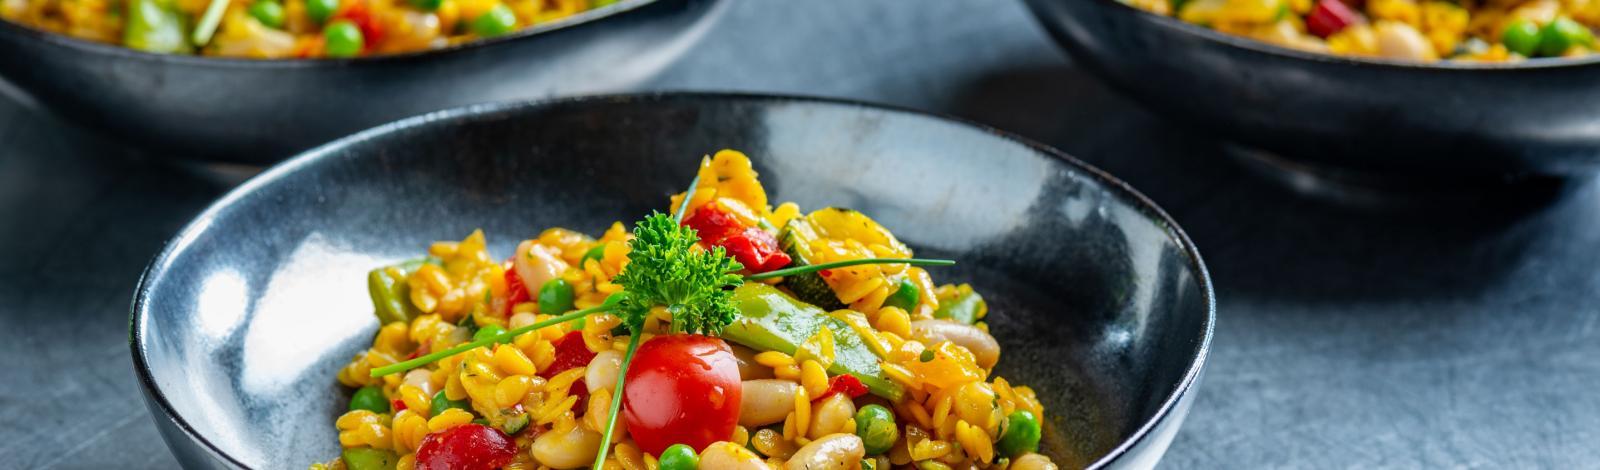 24/7 groenten: Paella españa with pépites